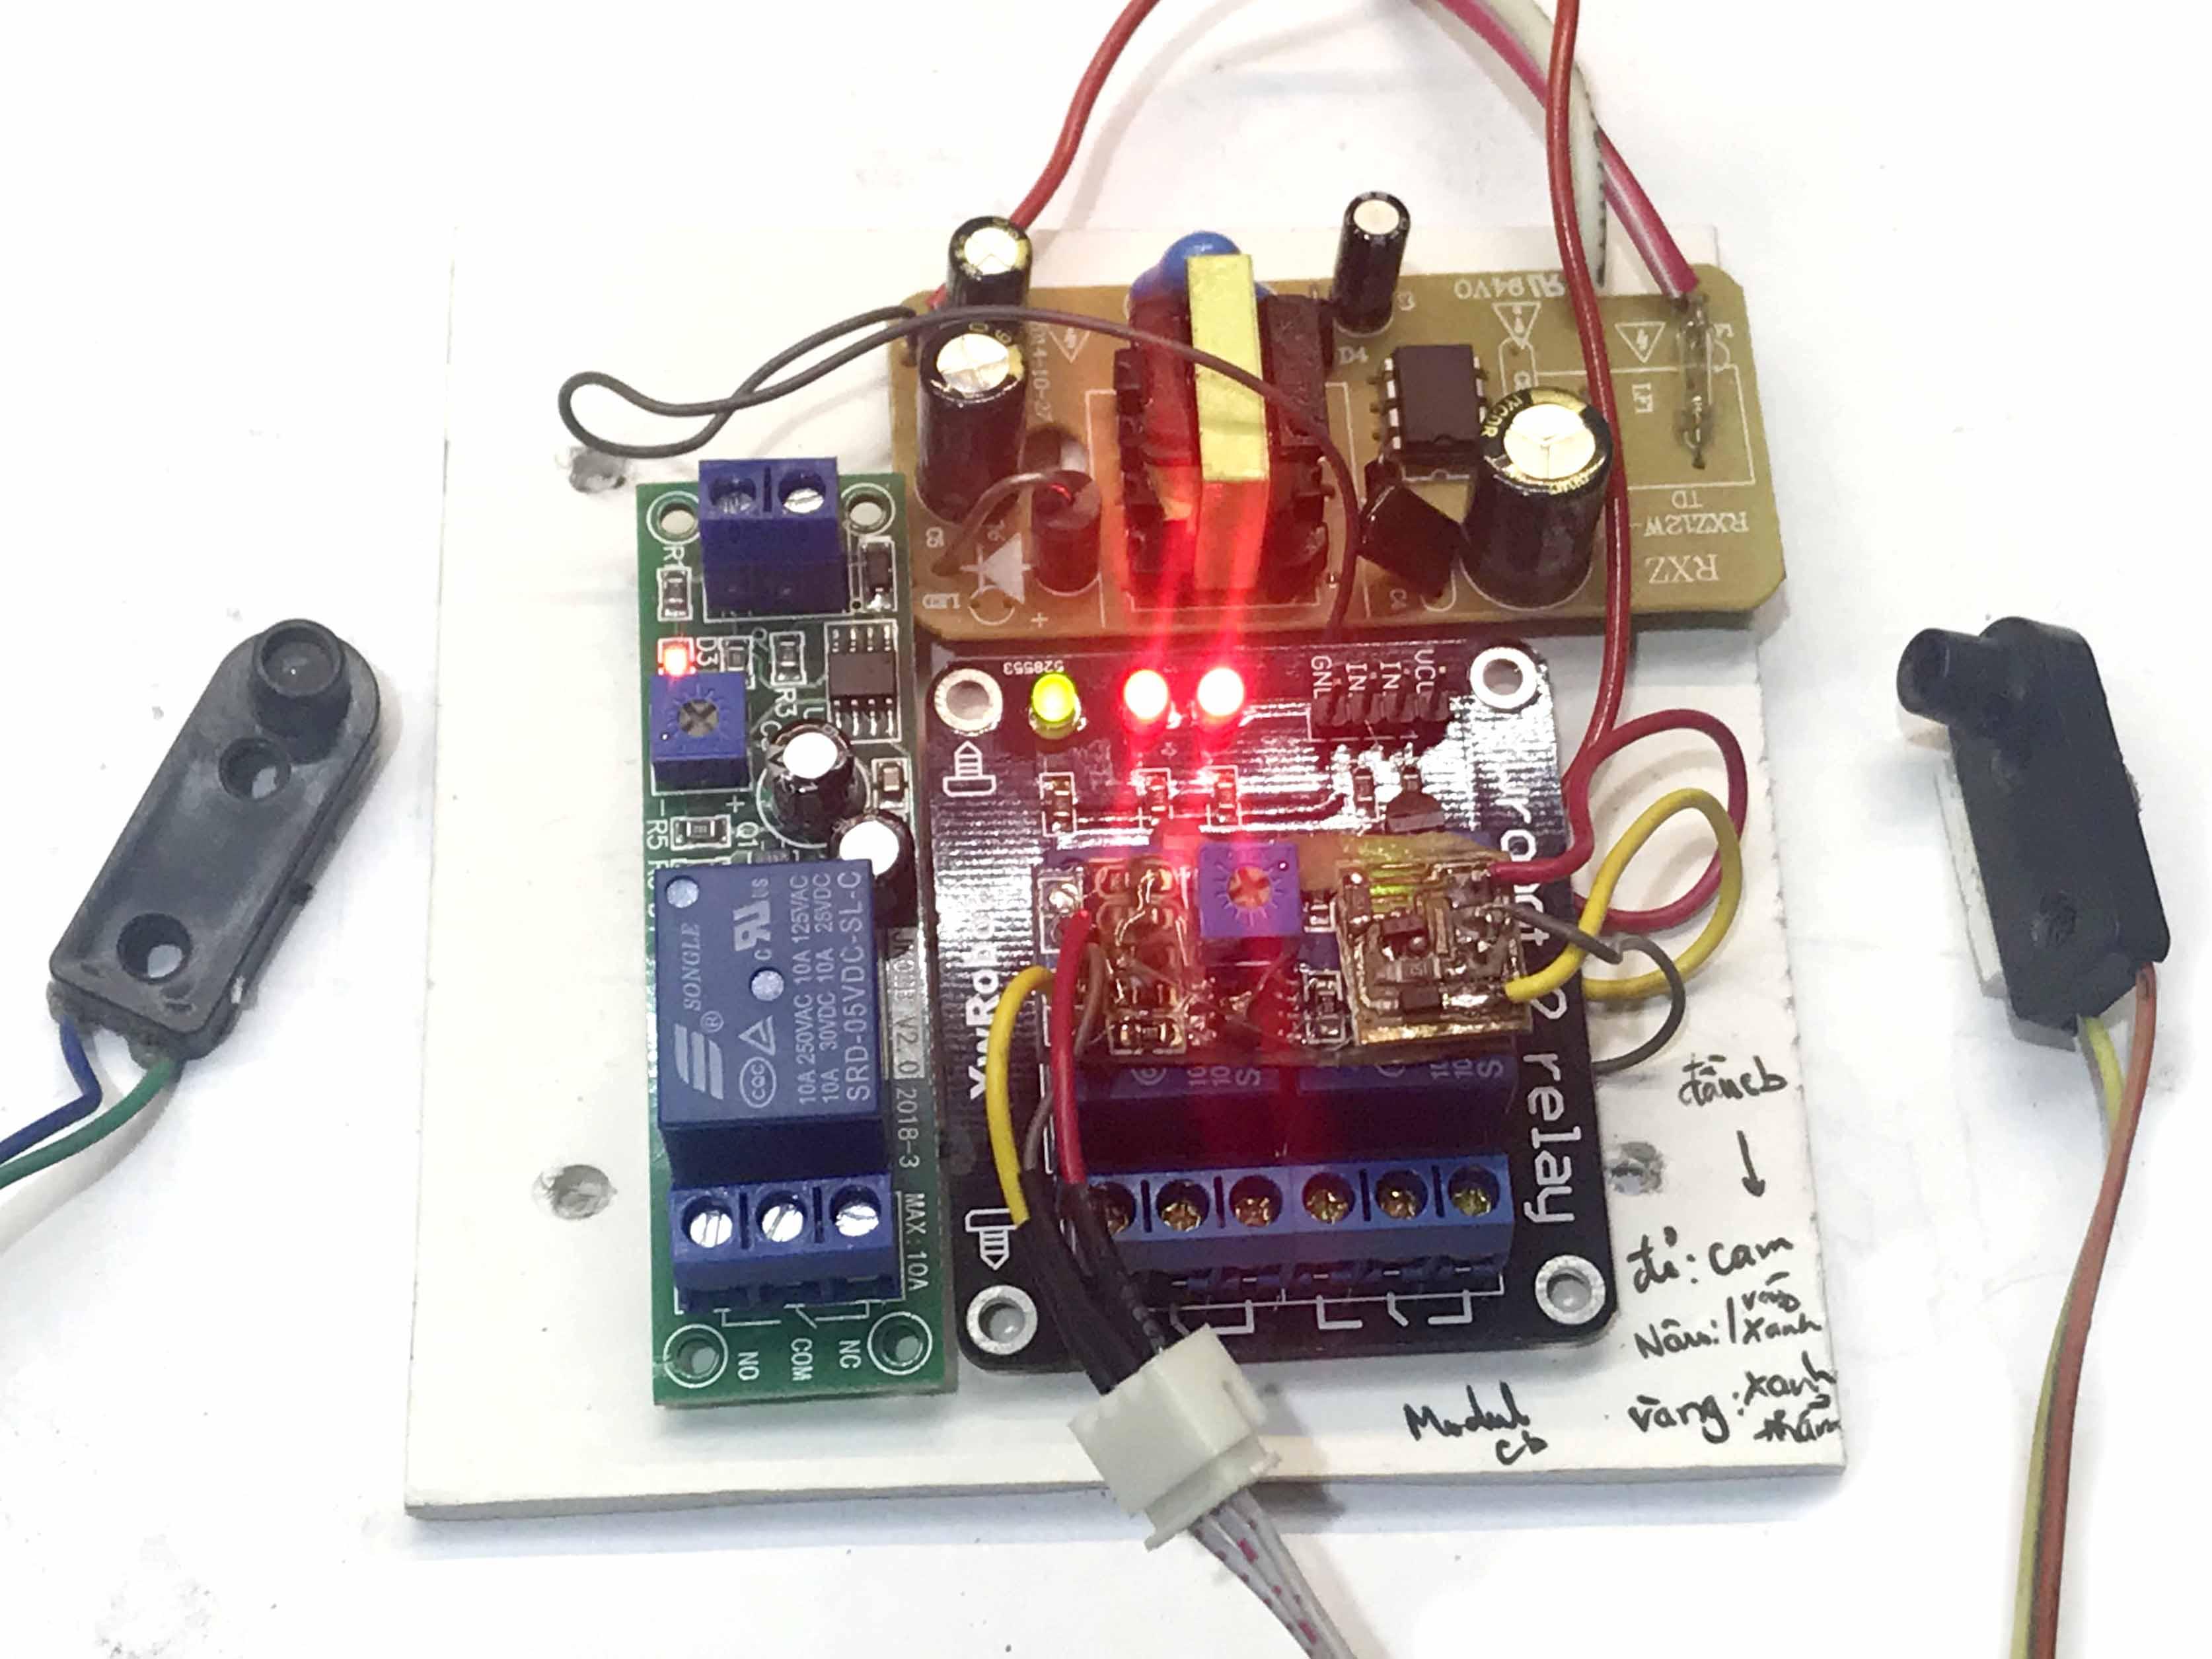 Bộ mạch điều khiển máy đánh giầy tự động